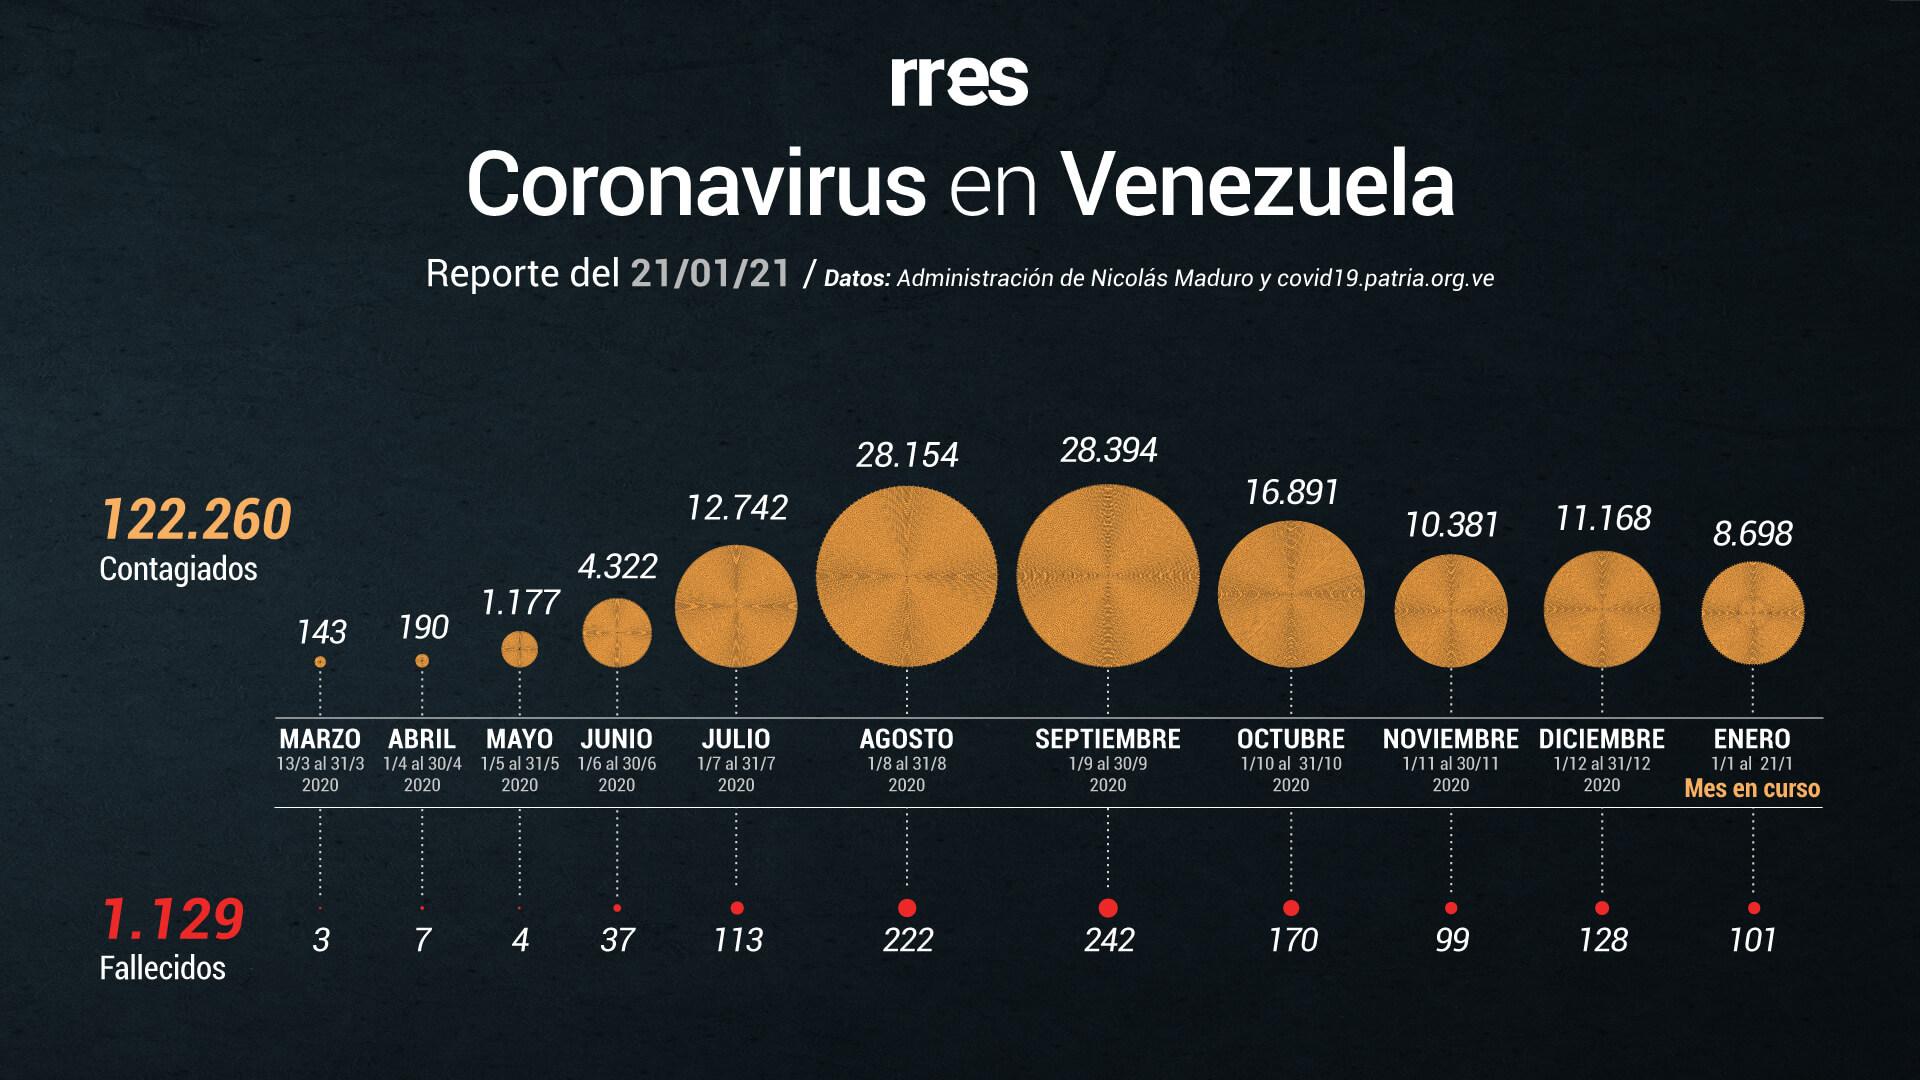 Venezuela registró 569 nuevos casos de COVID-19 y 7 fallecidos este #21Ene